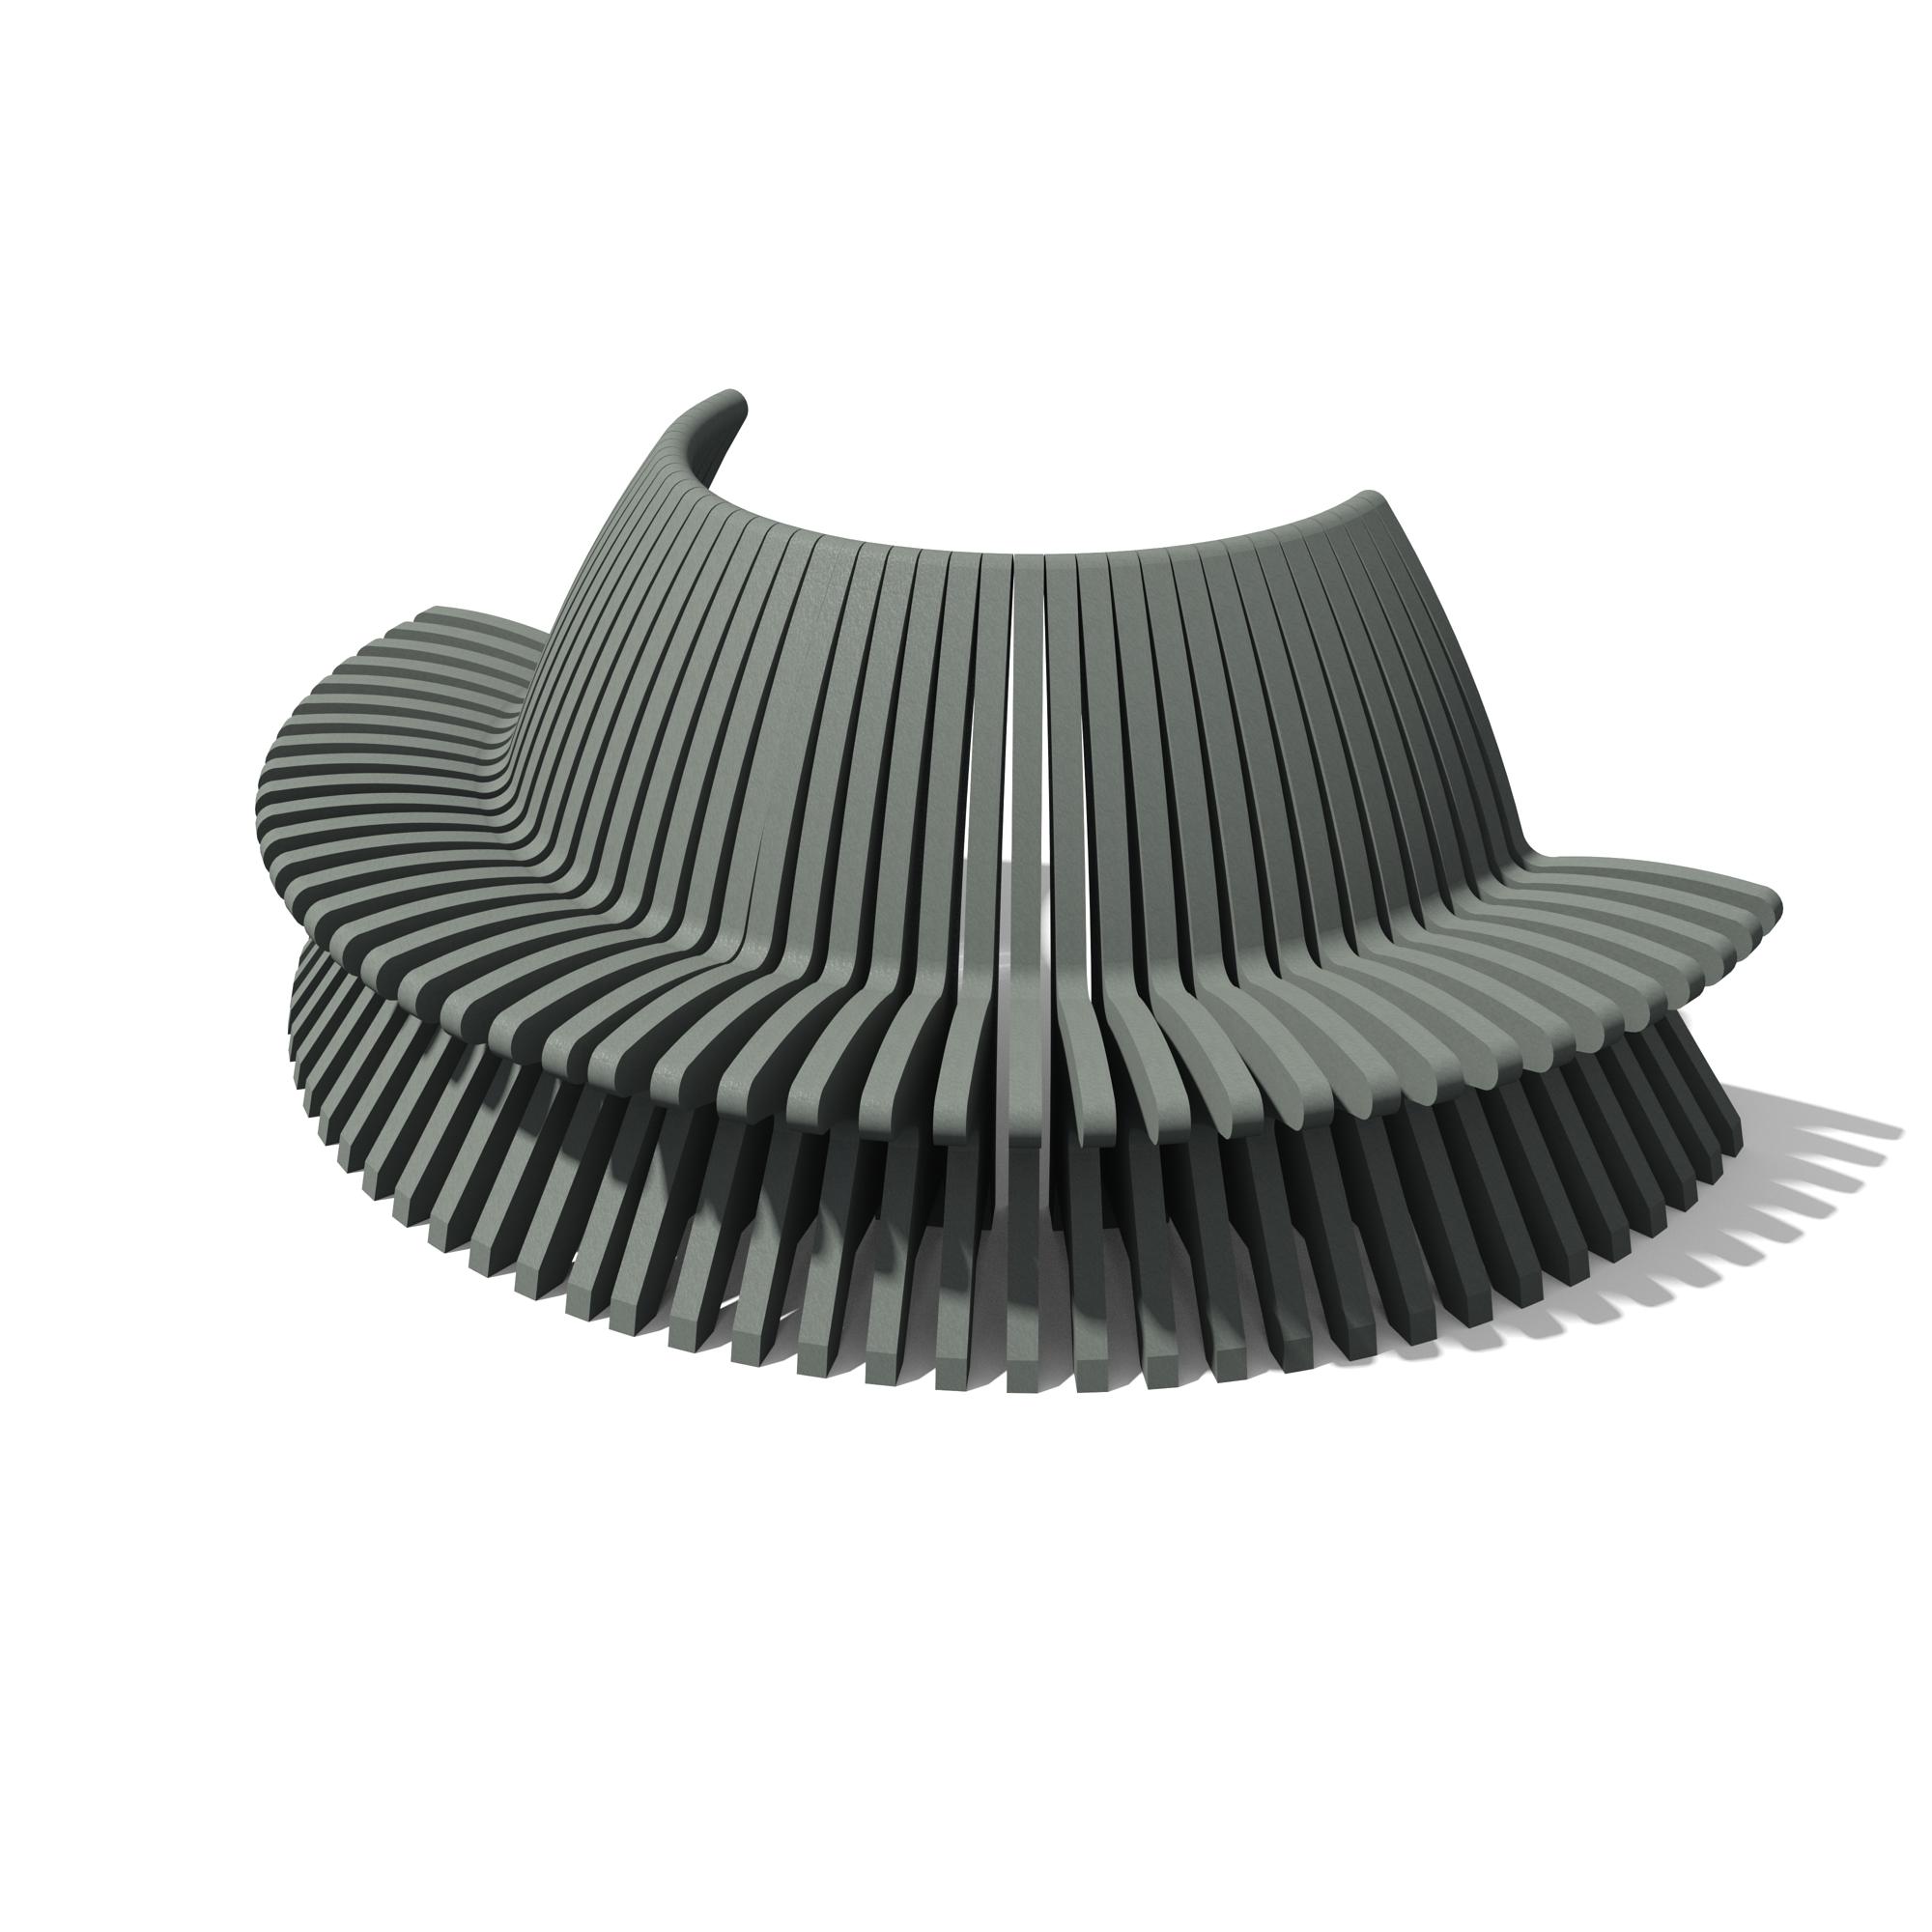 banc demi-rond plastique 100% recyclé gamme palabre